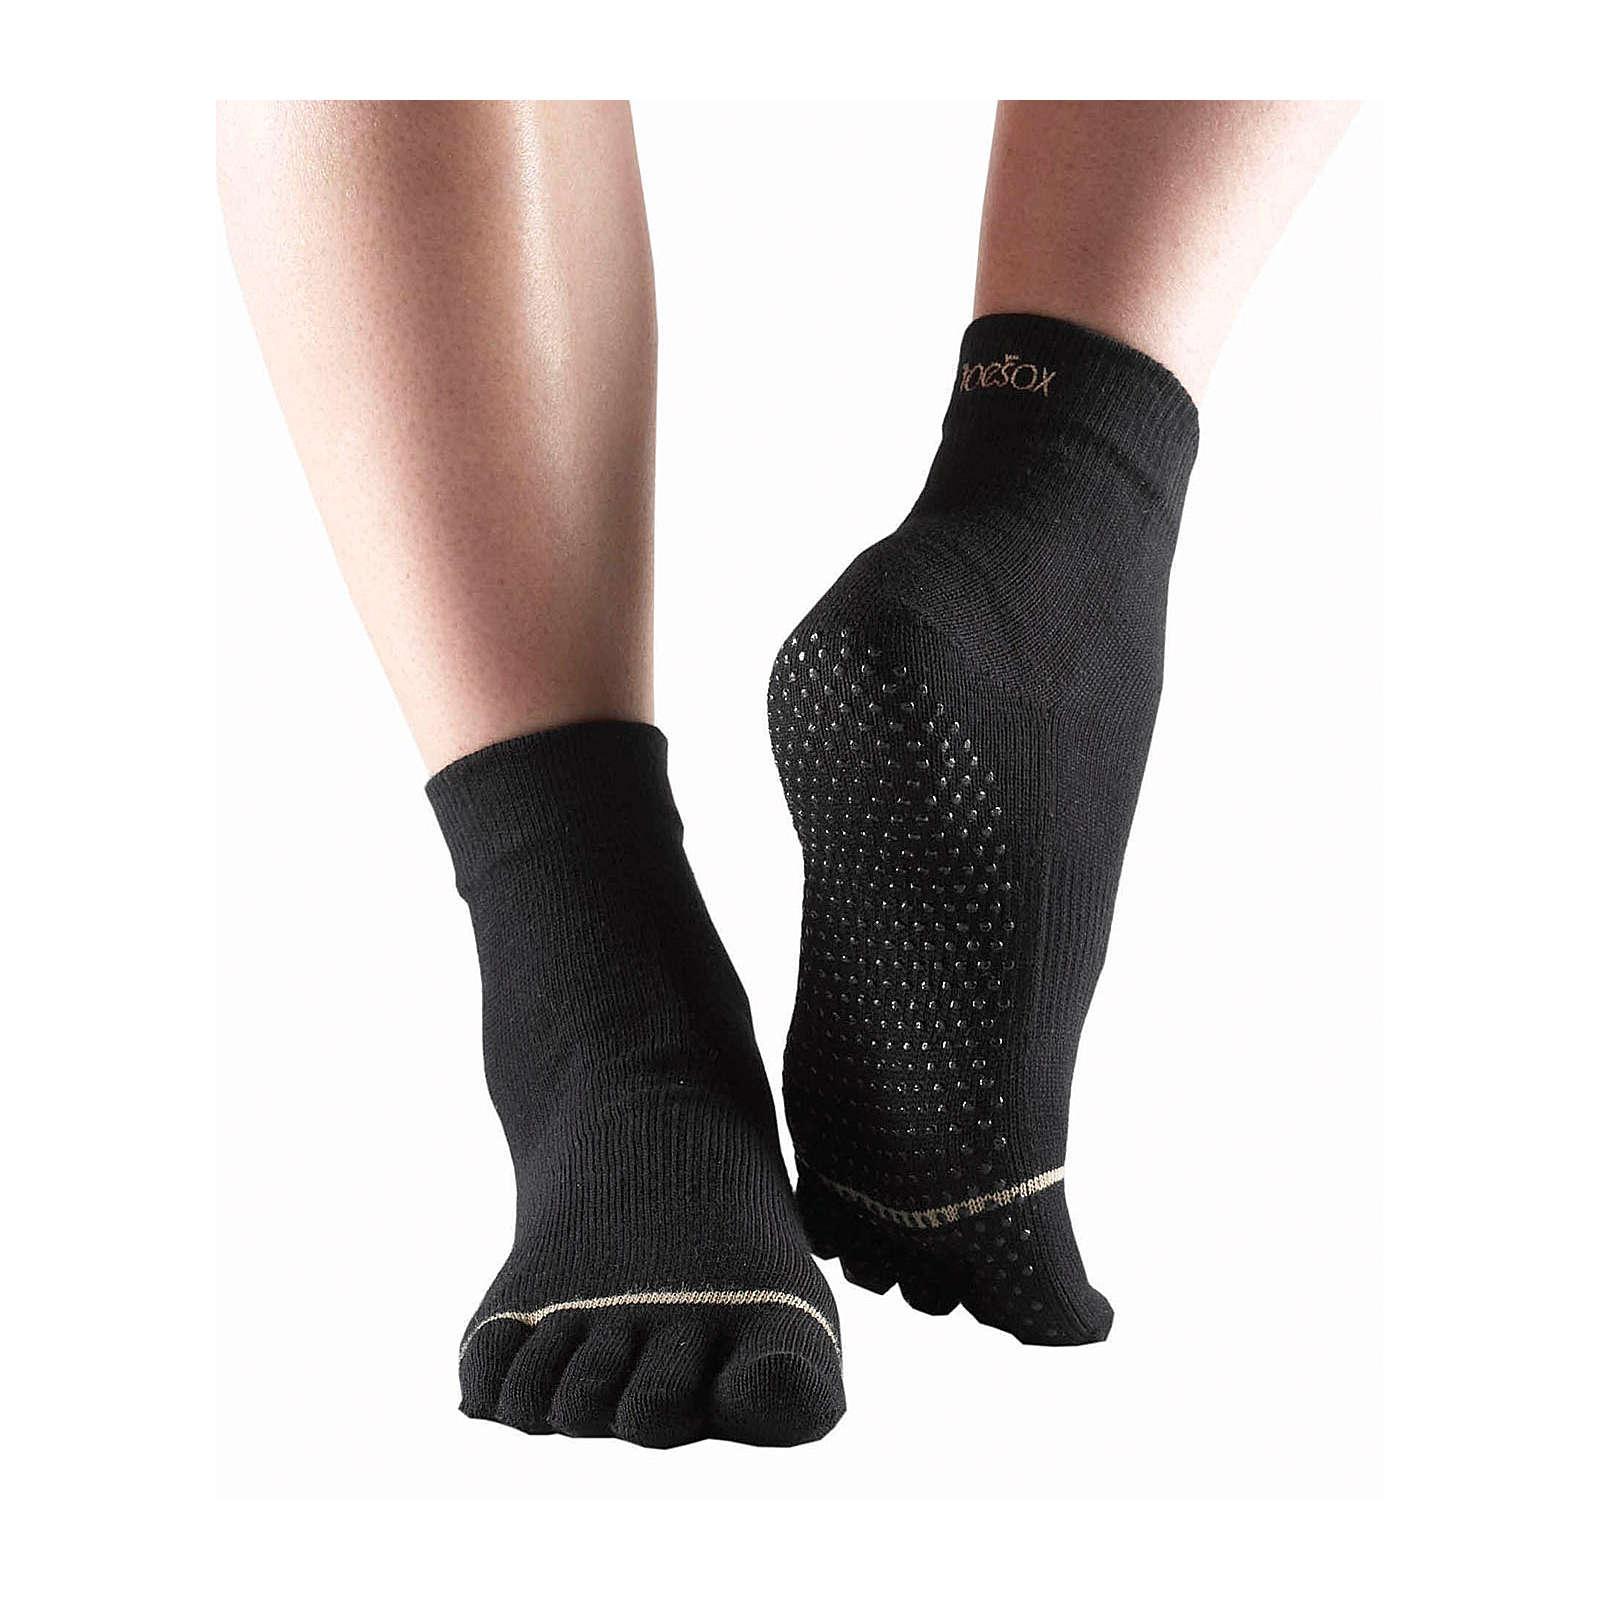 Toe Sox Yoga Socken ANKLE schwarz Damen Gr. 38